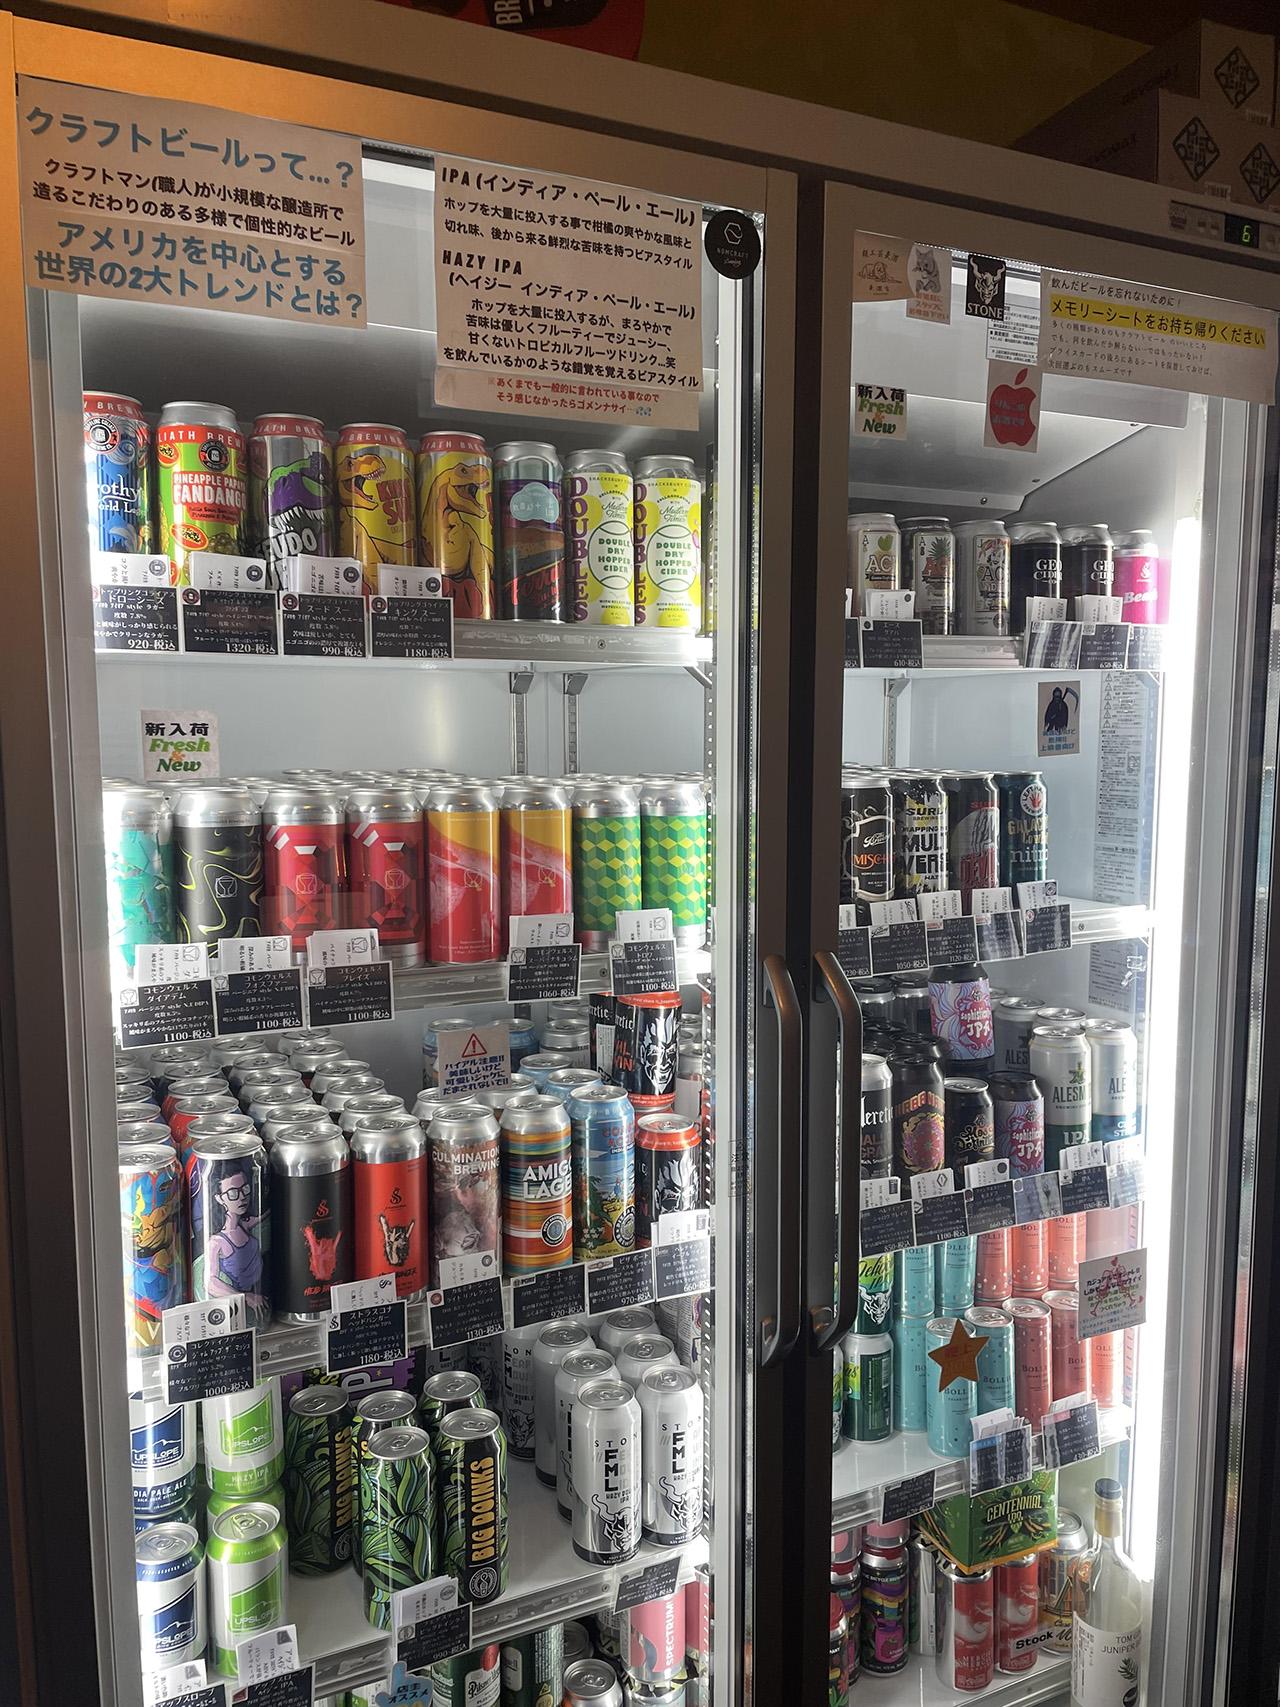 店内の冷蔵庫にビールが並んでいる写真